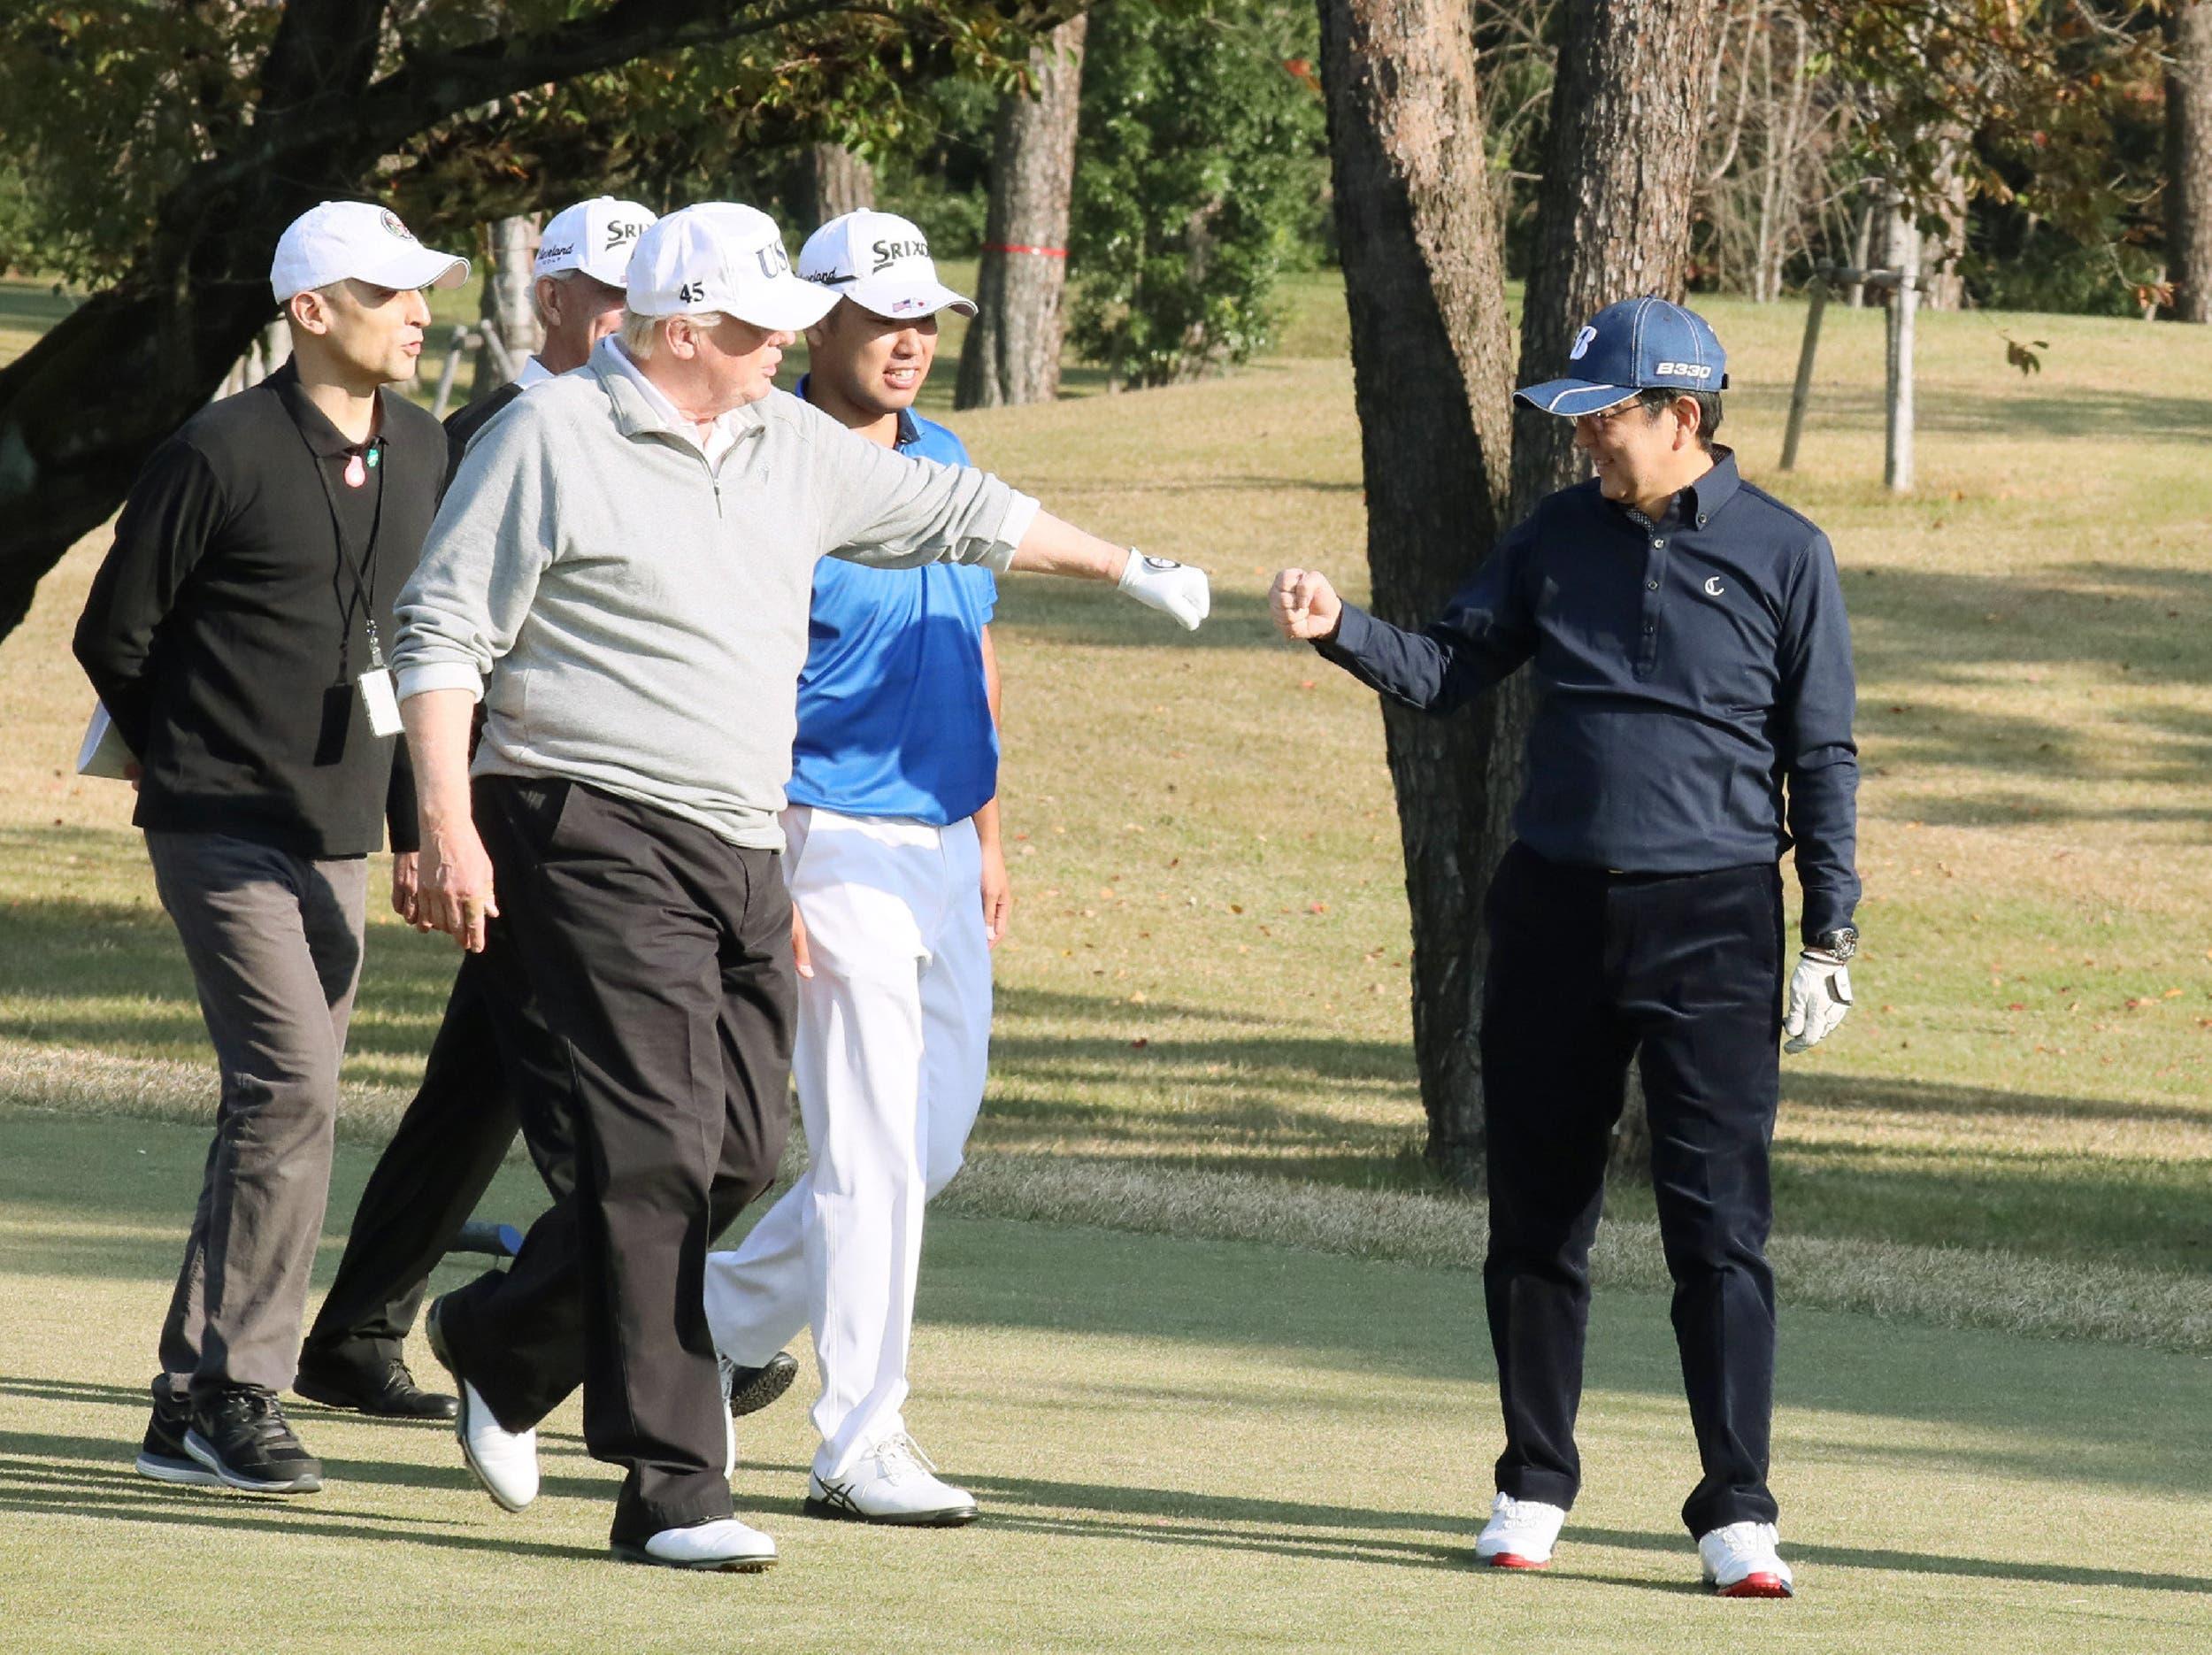 ترمب يلعب الغولف مع رئيس الوزراء الياباني